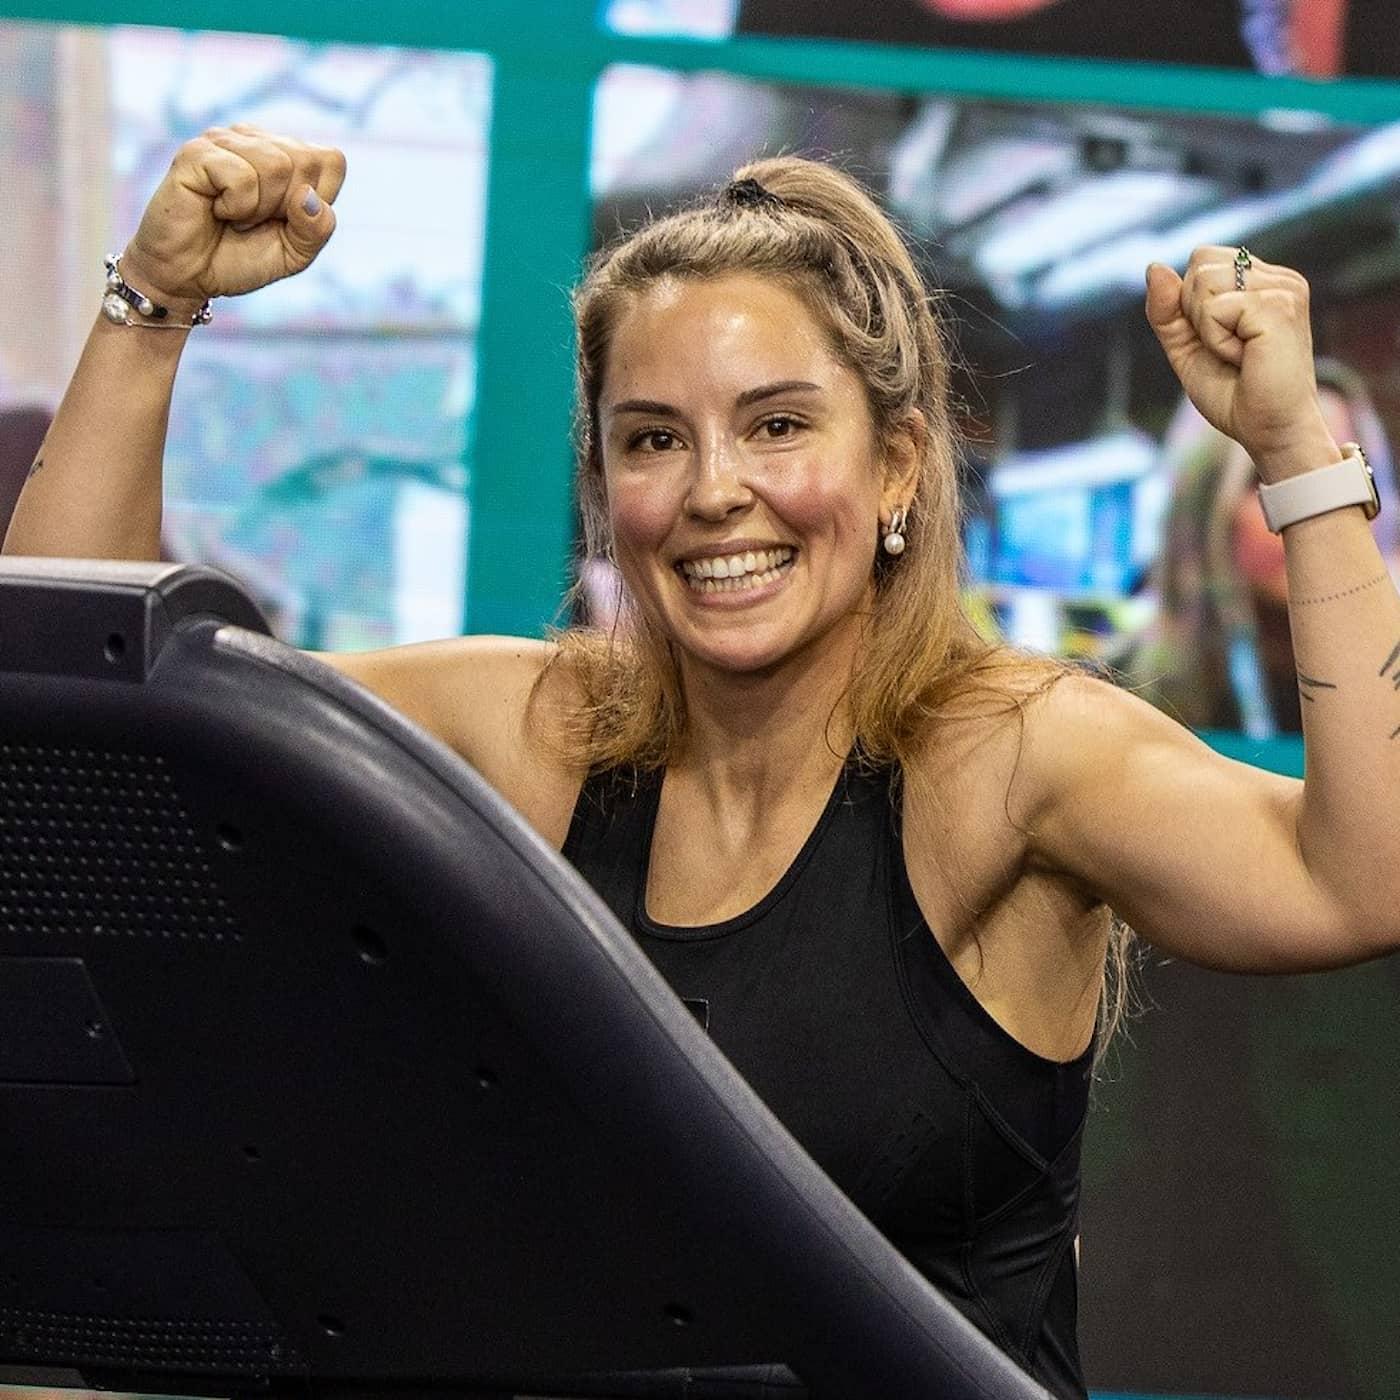 6. Musikhjälpenpodden: Alexandra Pizzoni besteg Mount Everest på löpband